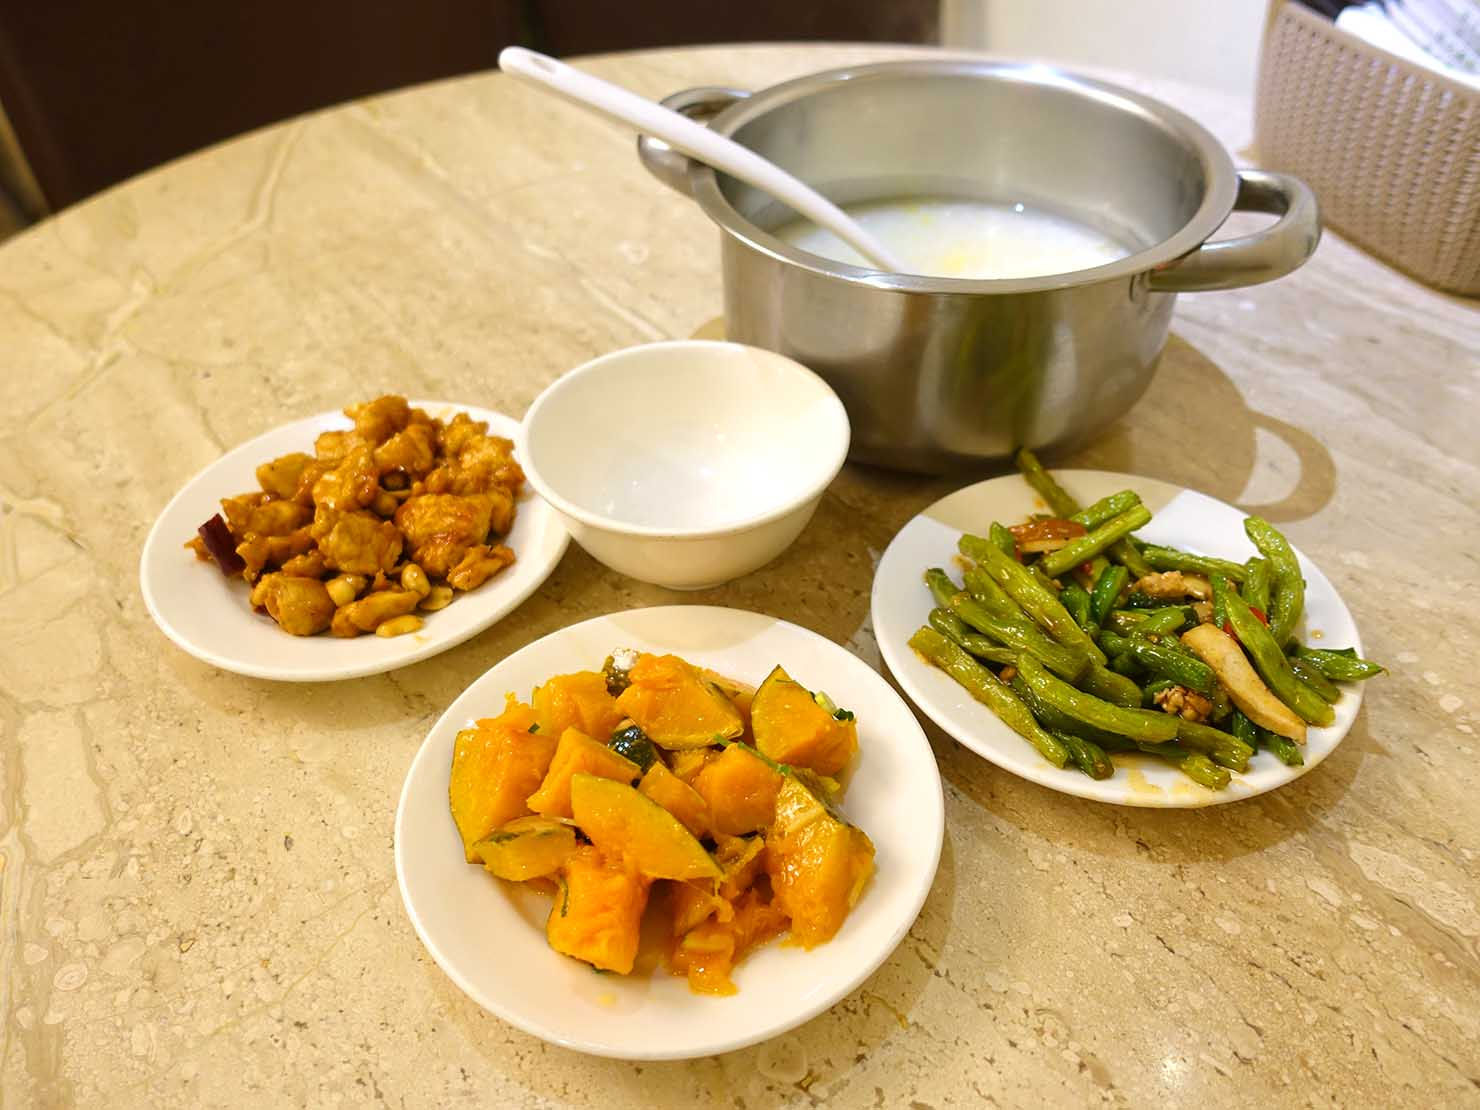 台北・清粥街(お粥街)にある「小李子清粥小菜」のお粥と料理